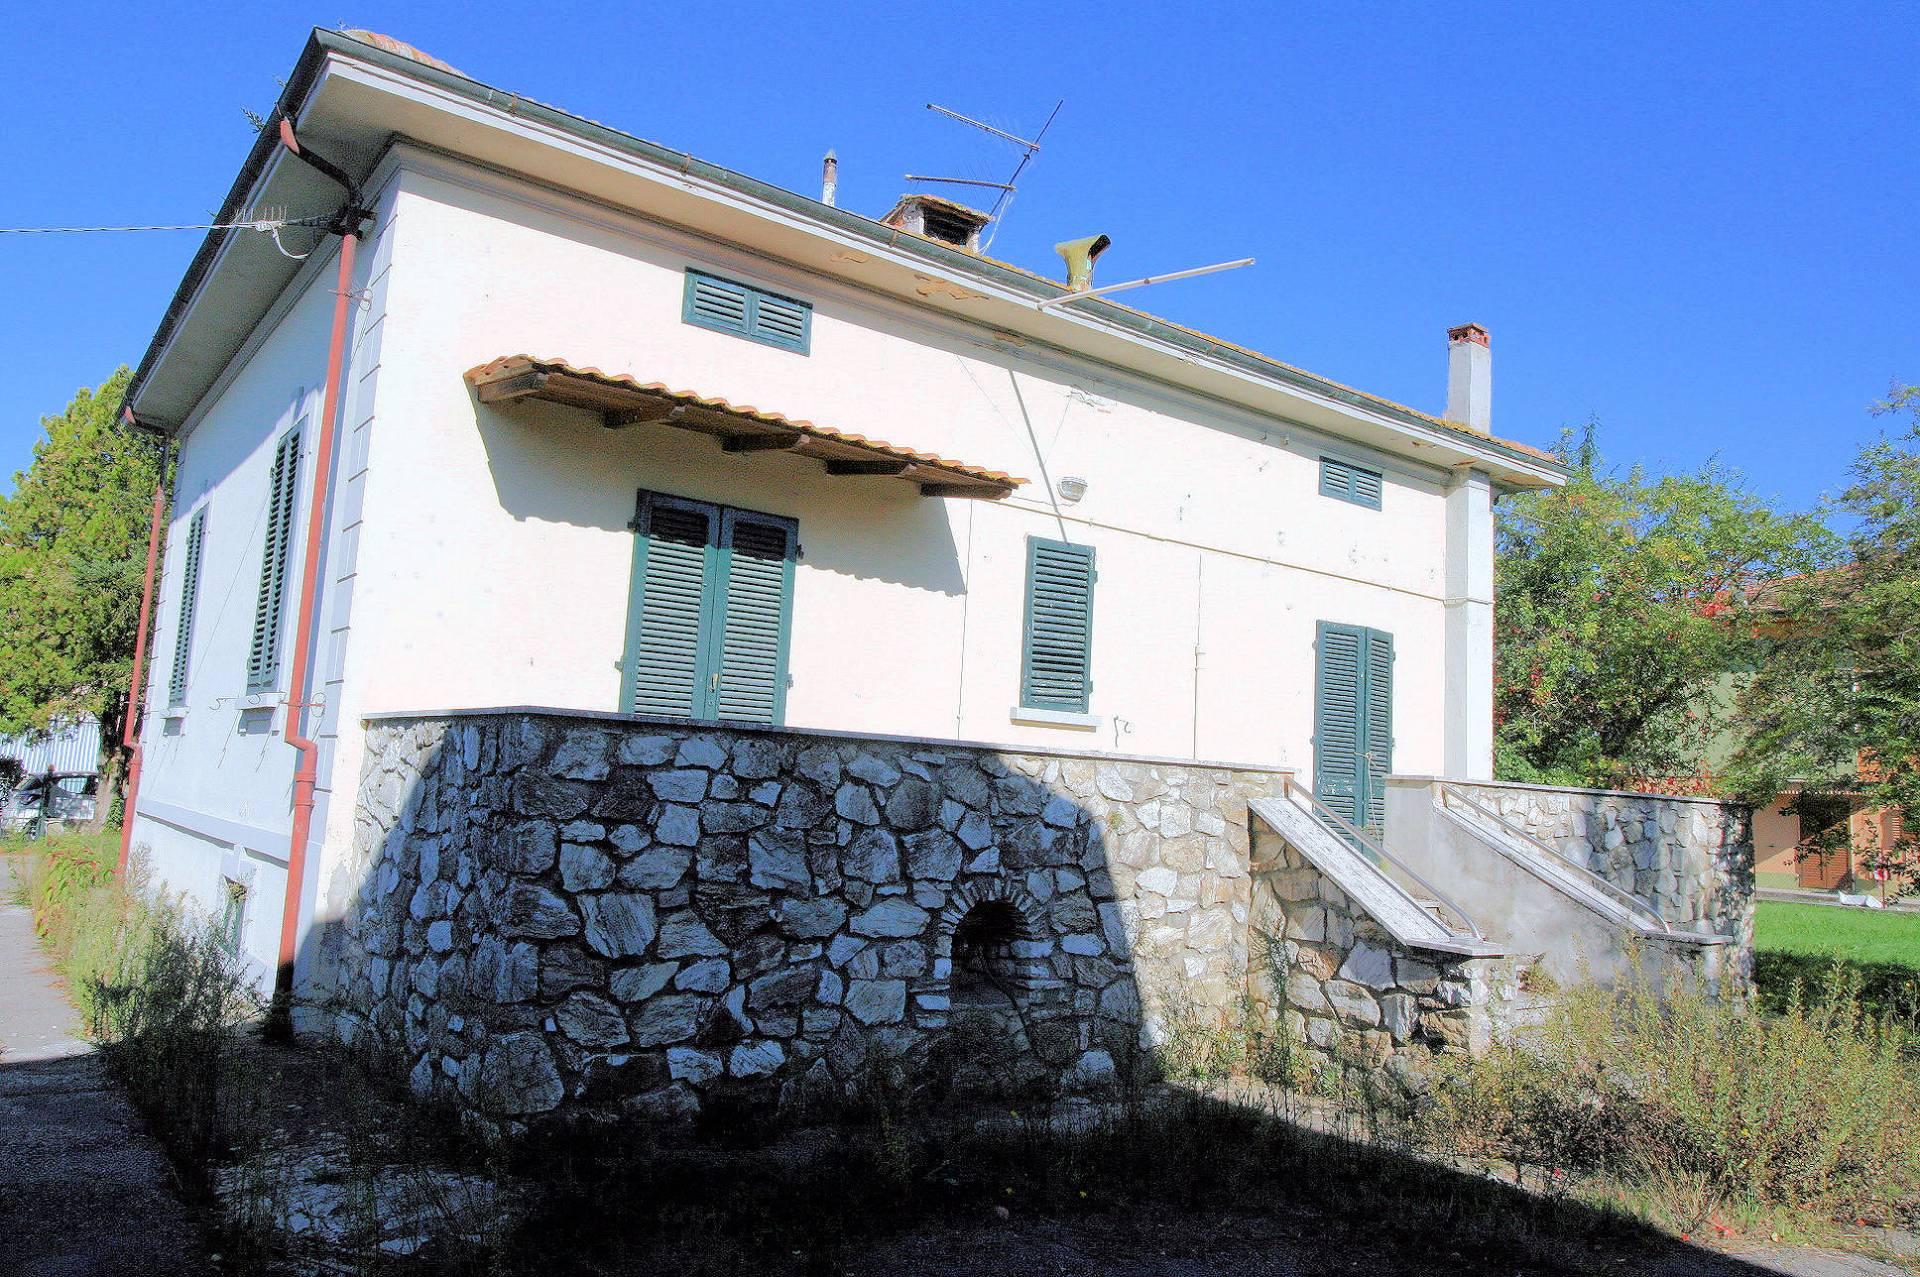 Soluzione Indipendente in vendita a Altopascio, 8 locali, zona Zona: Spianate, prezzo € 259.000 | Cambio Casa.it